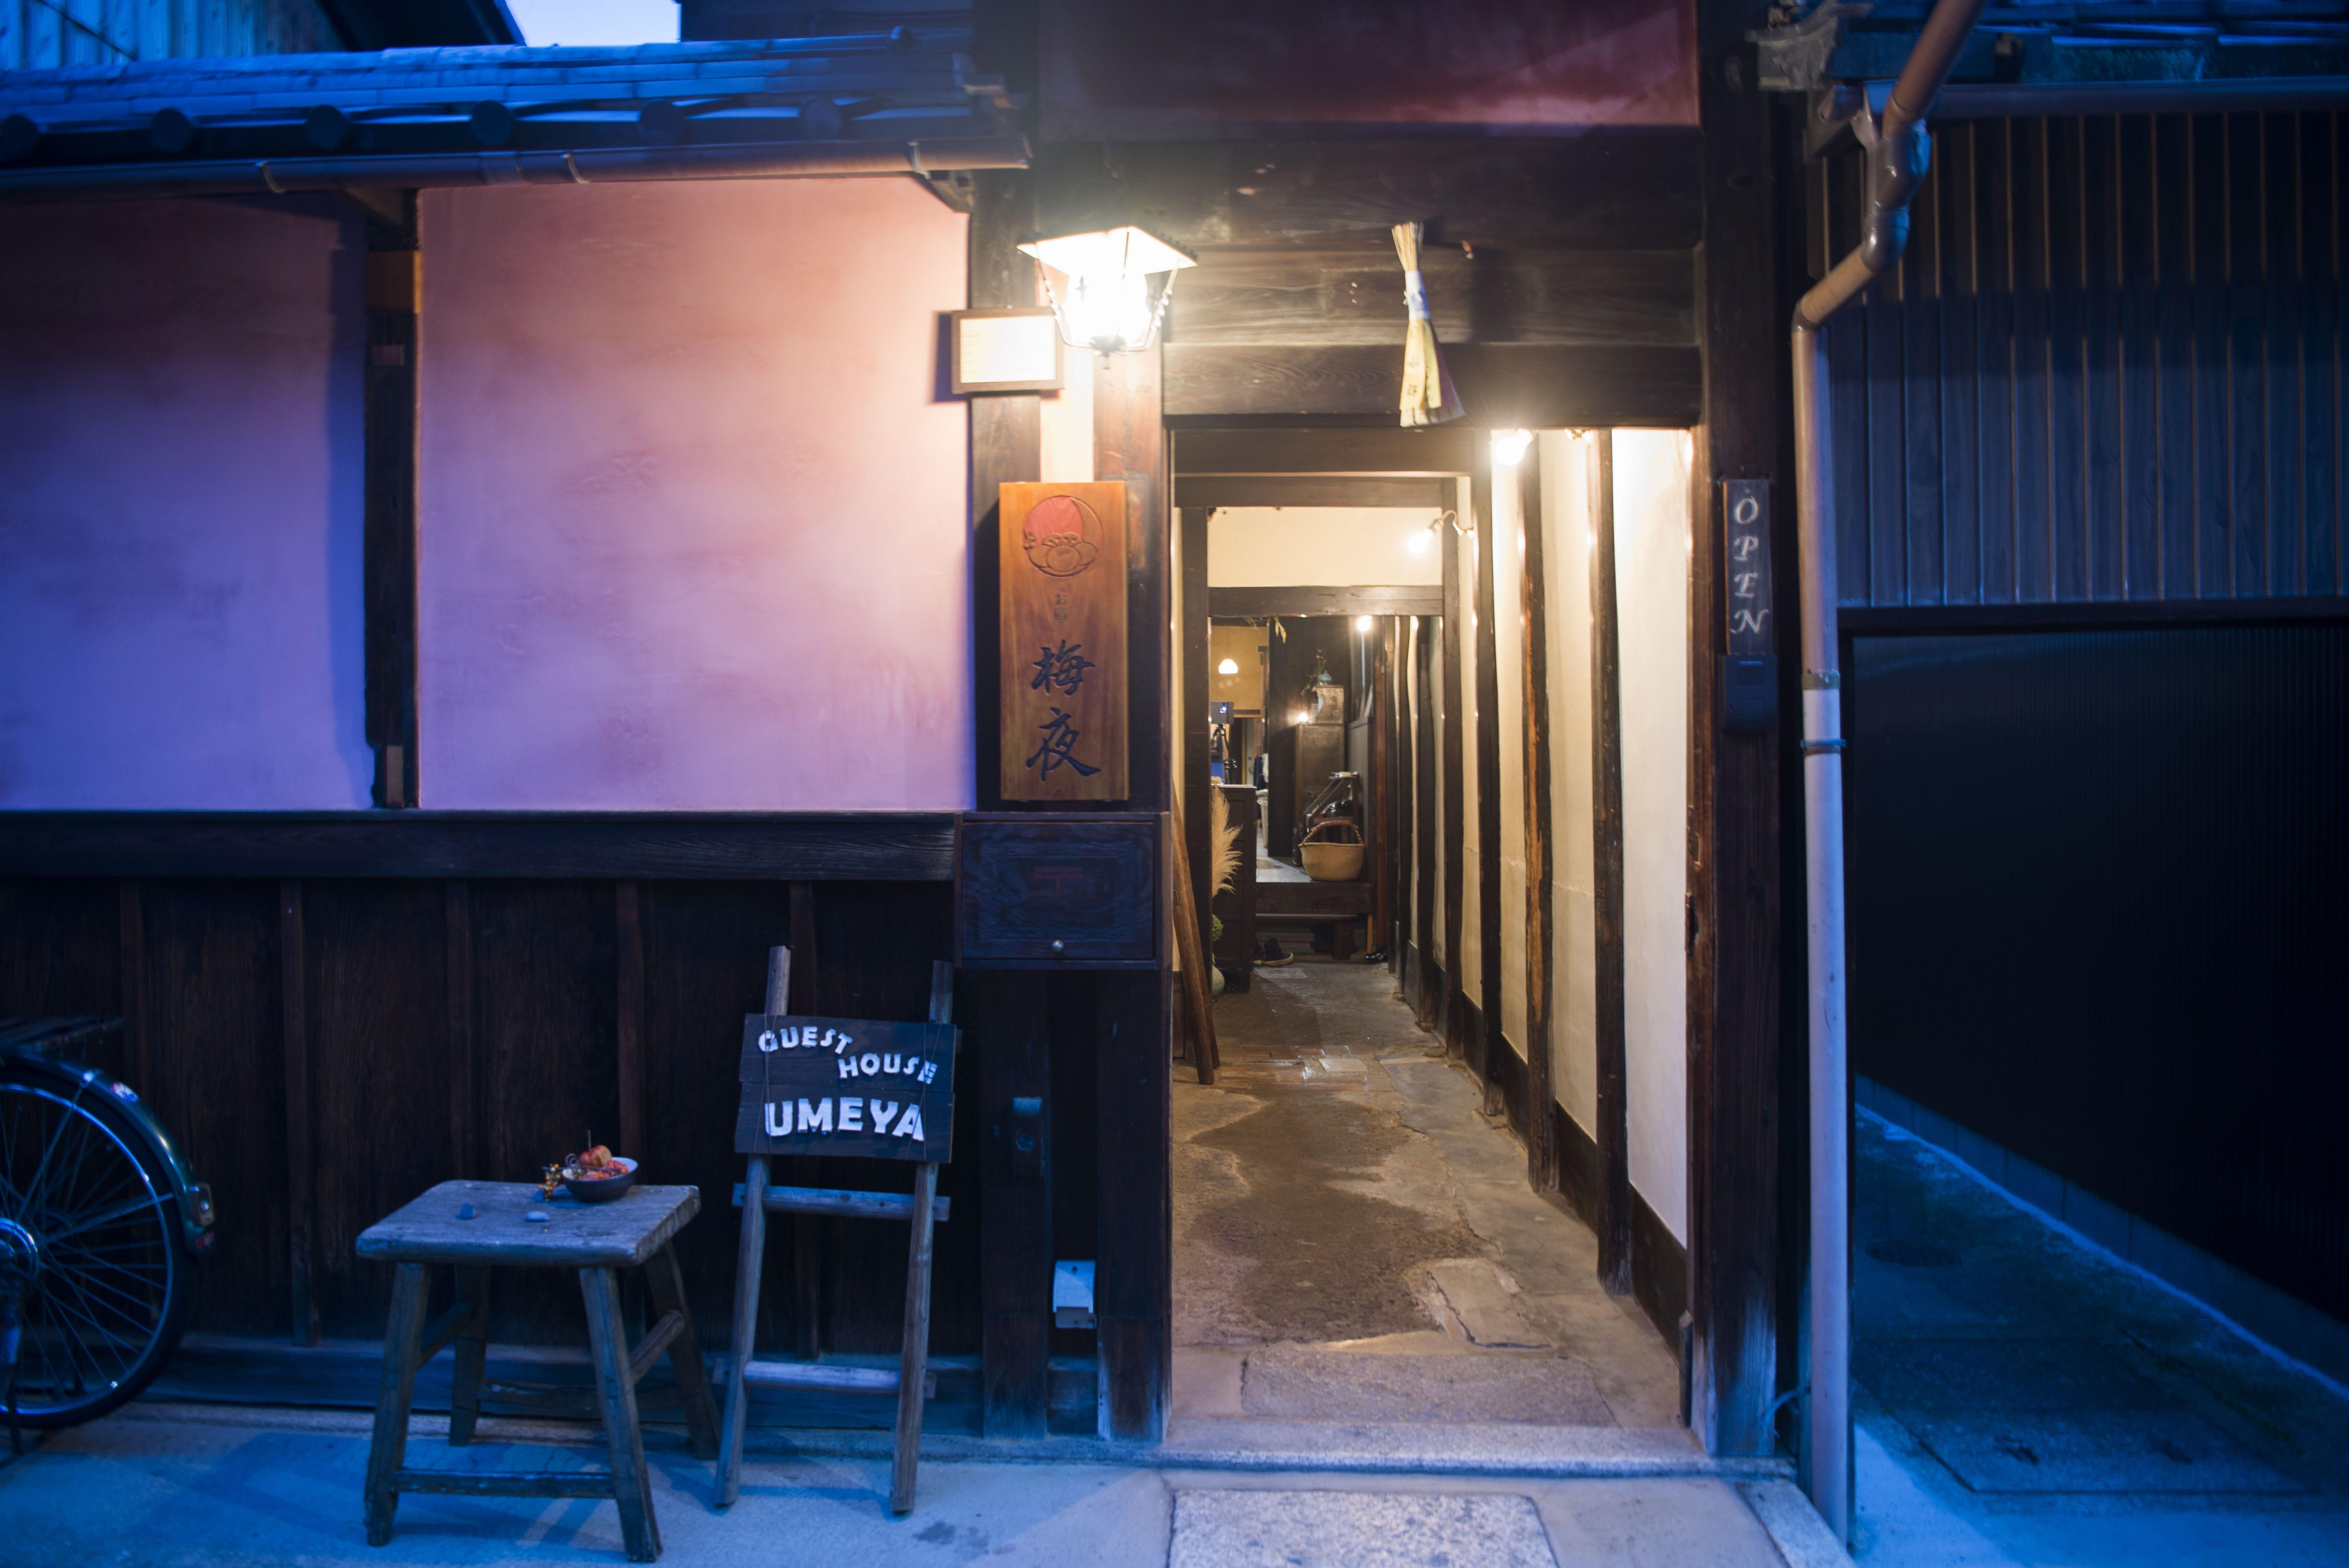 |京都|ゲストハウス|町家のゲストハウス 京都で暮らしてみませんか?